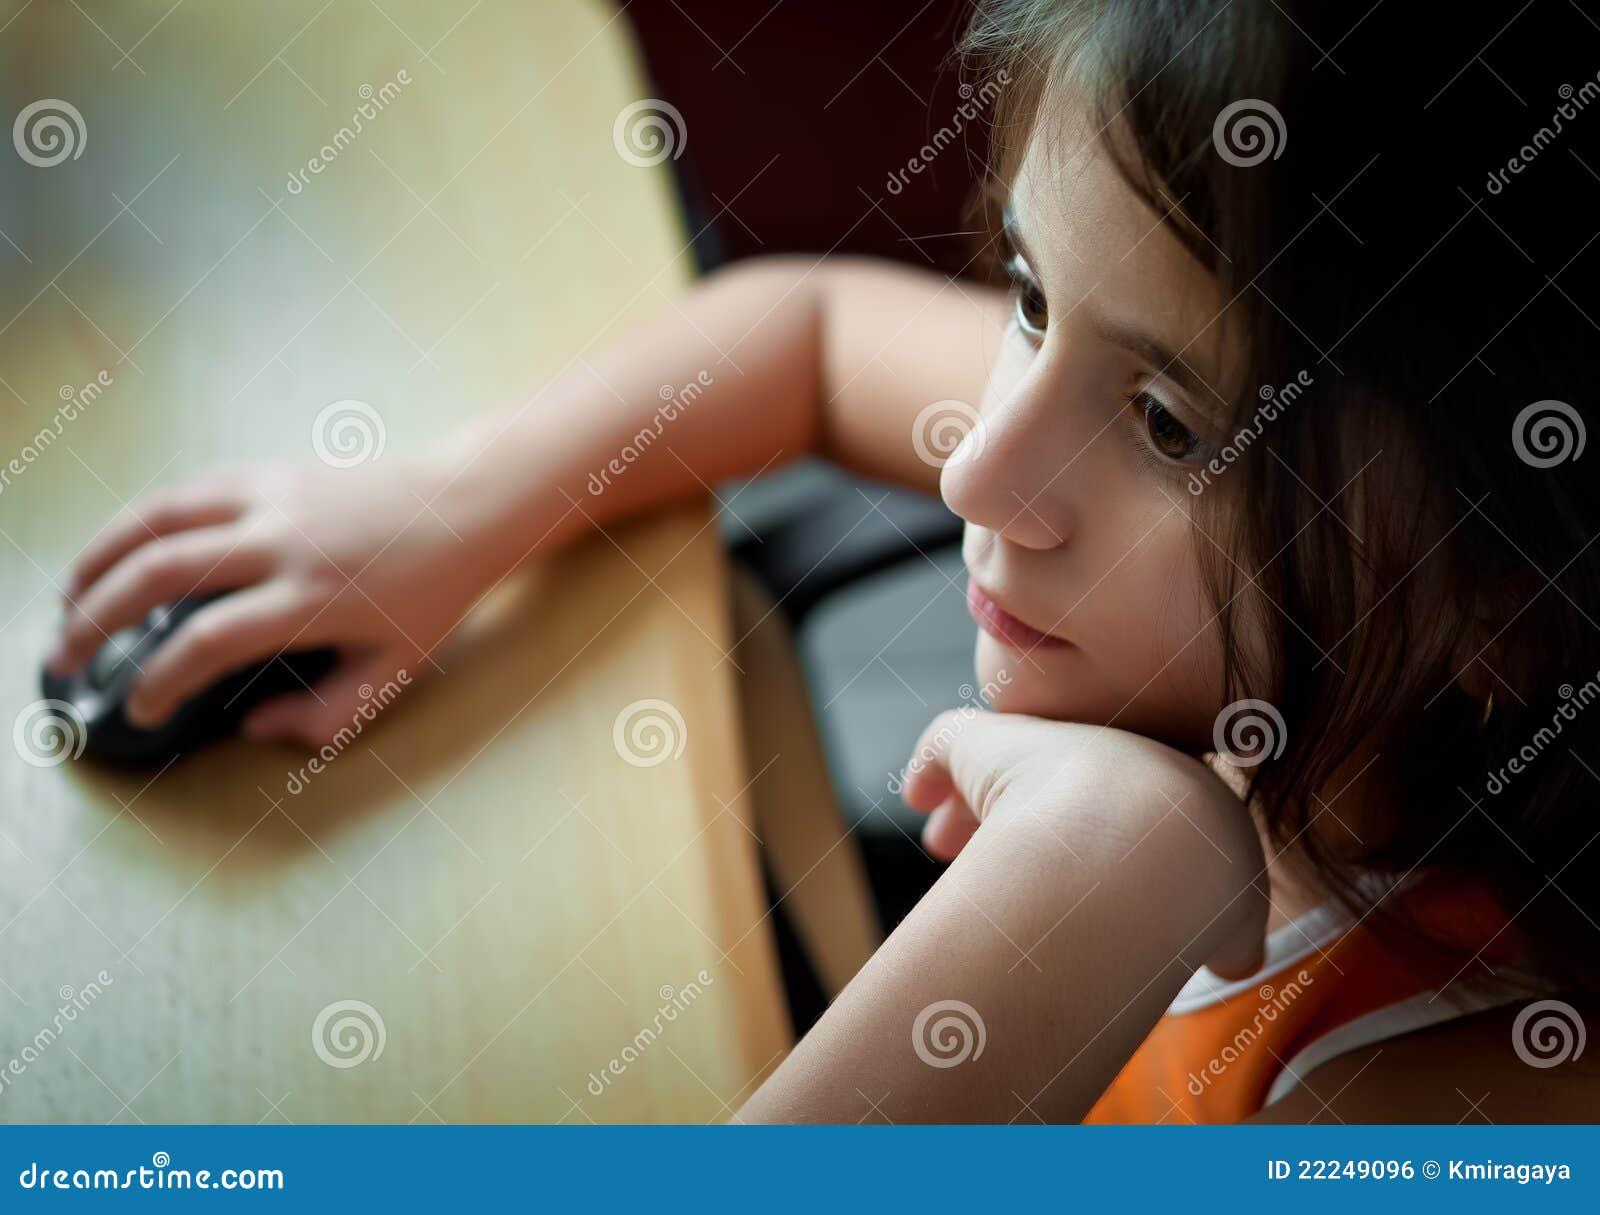 sri lankan girl talk www lnakamodel com